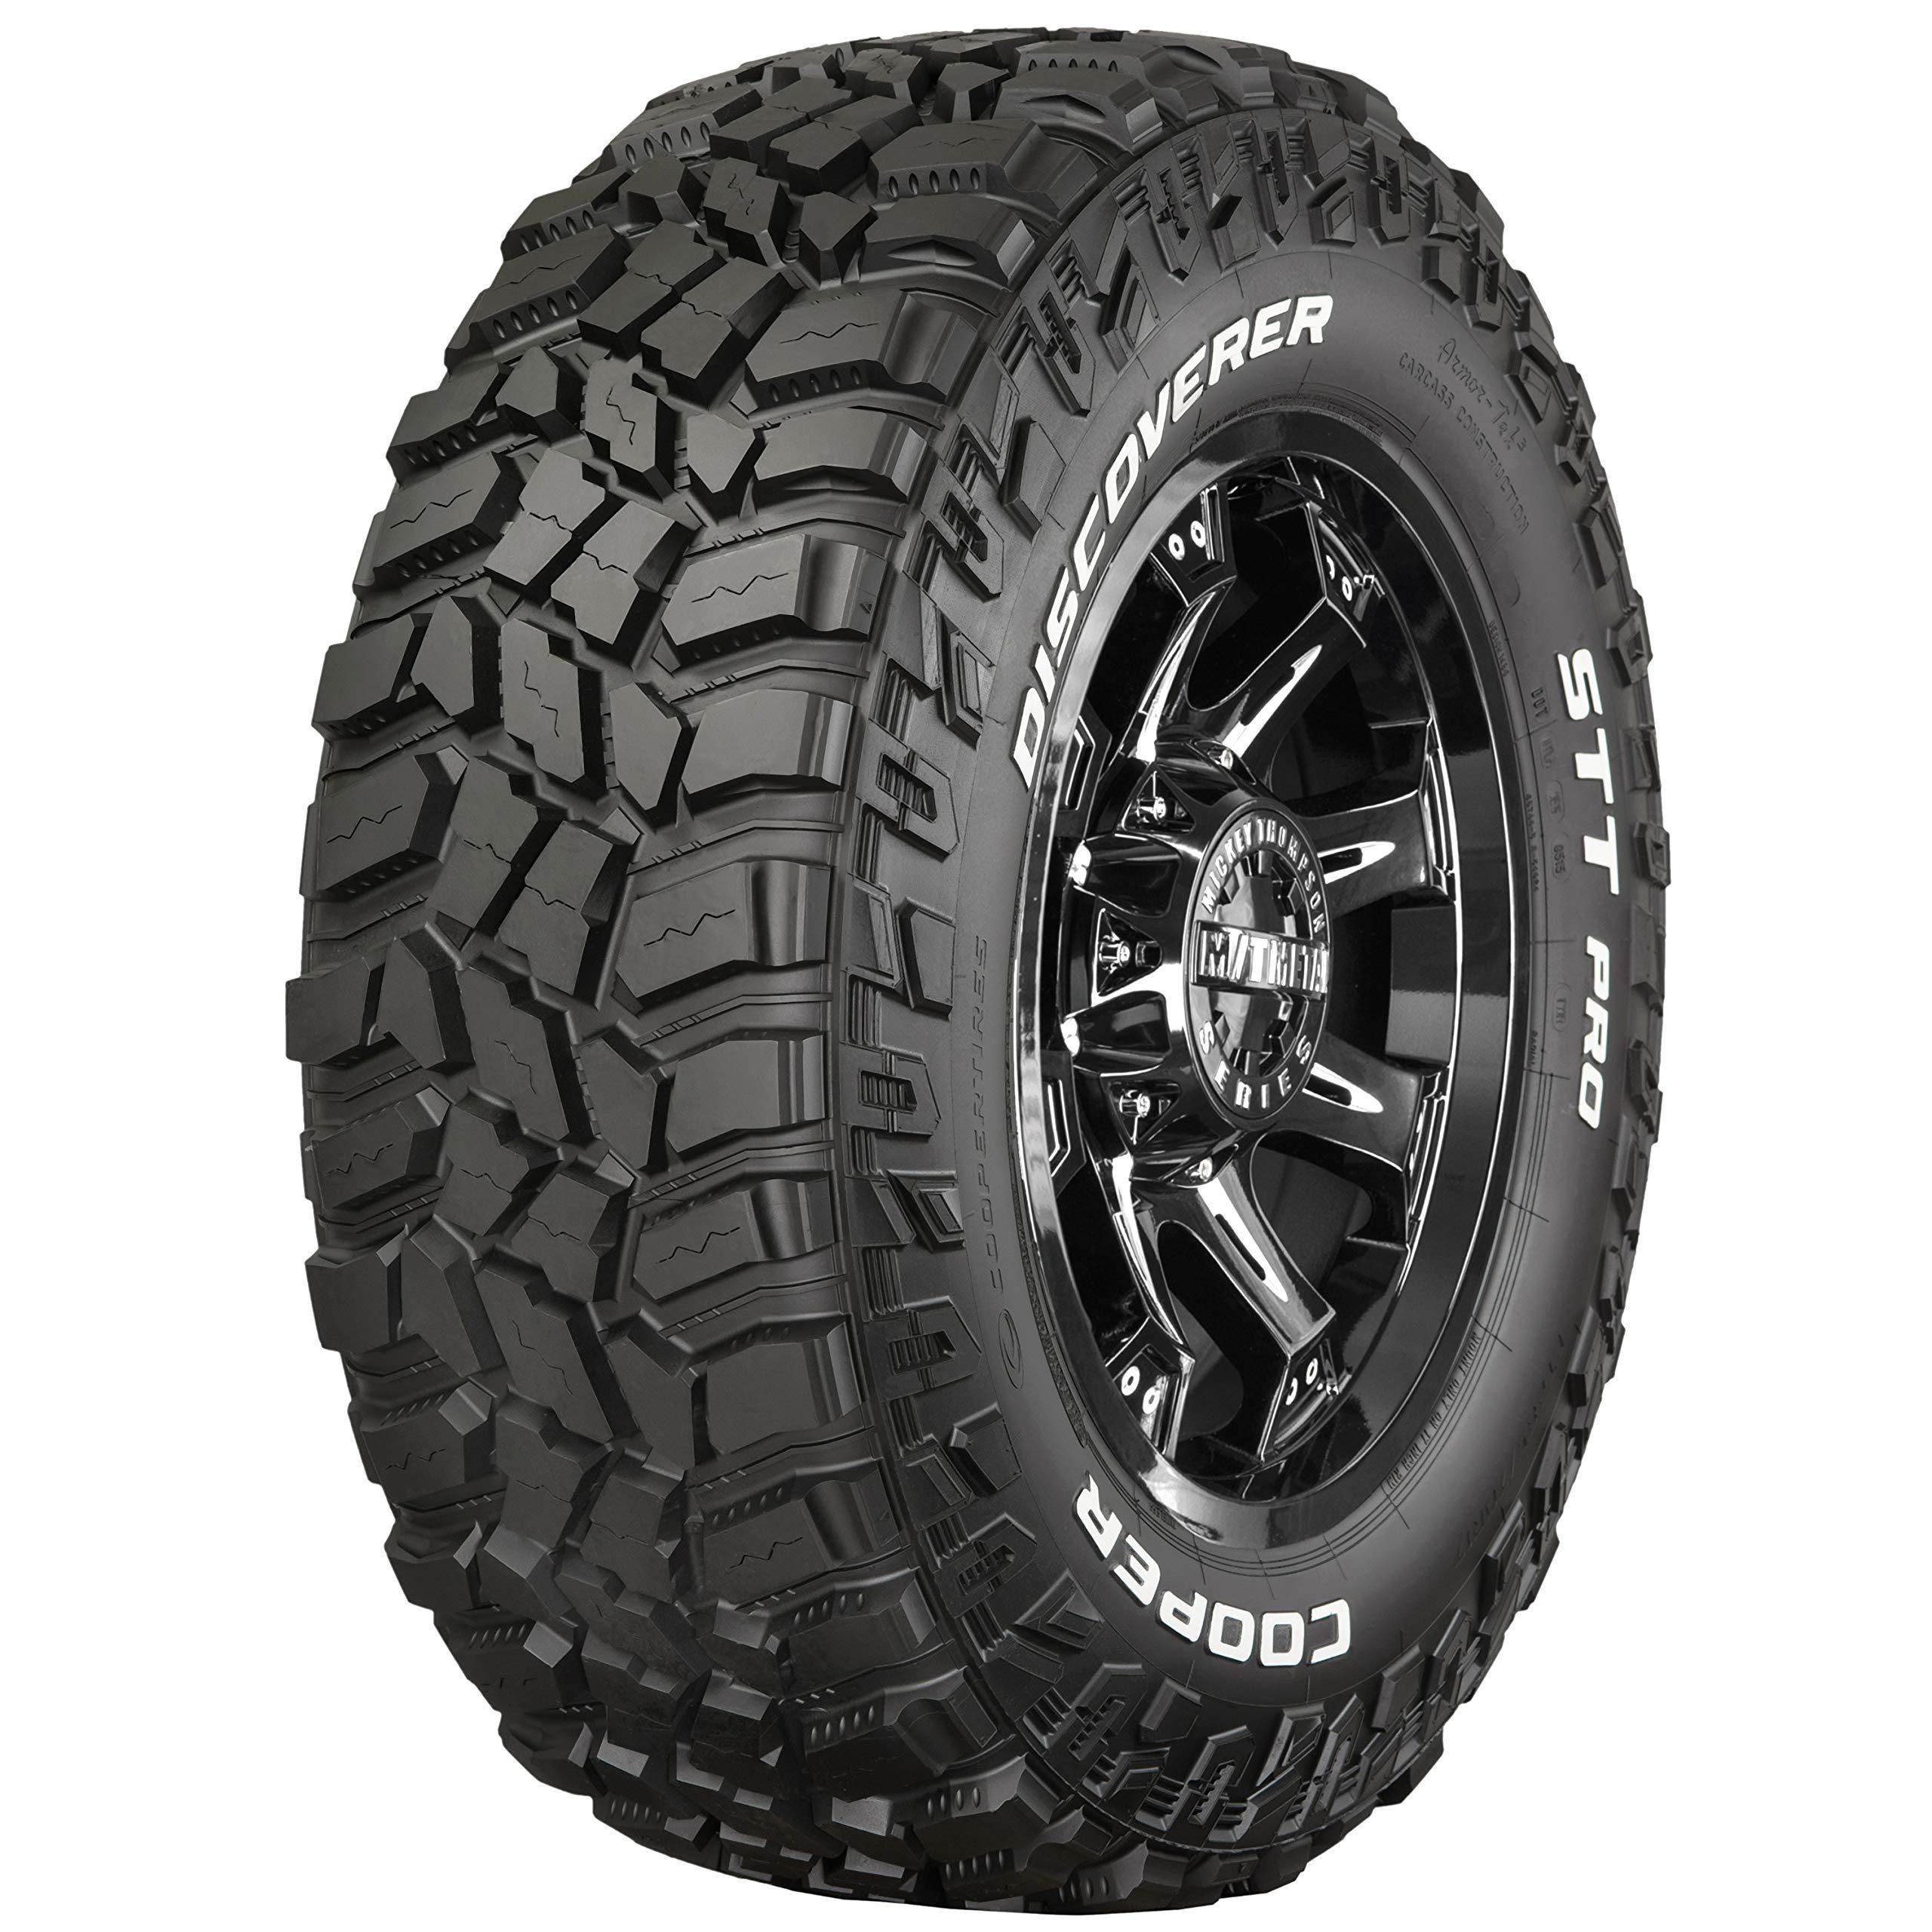 COOPER Discoverer STT Pro All-Season LT315/70R17 121/118Q Tire